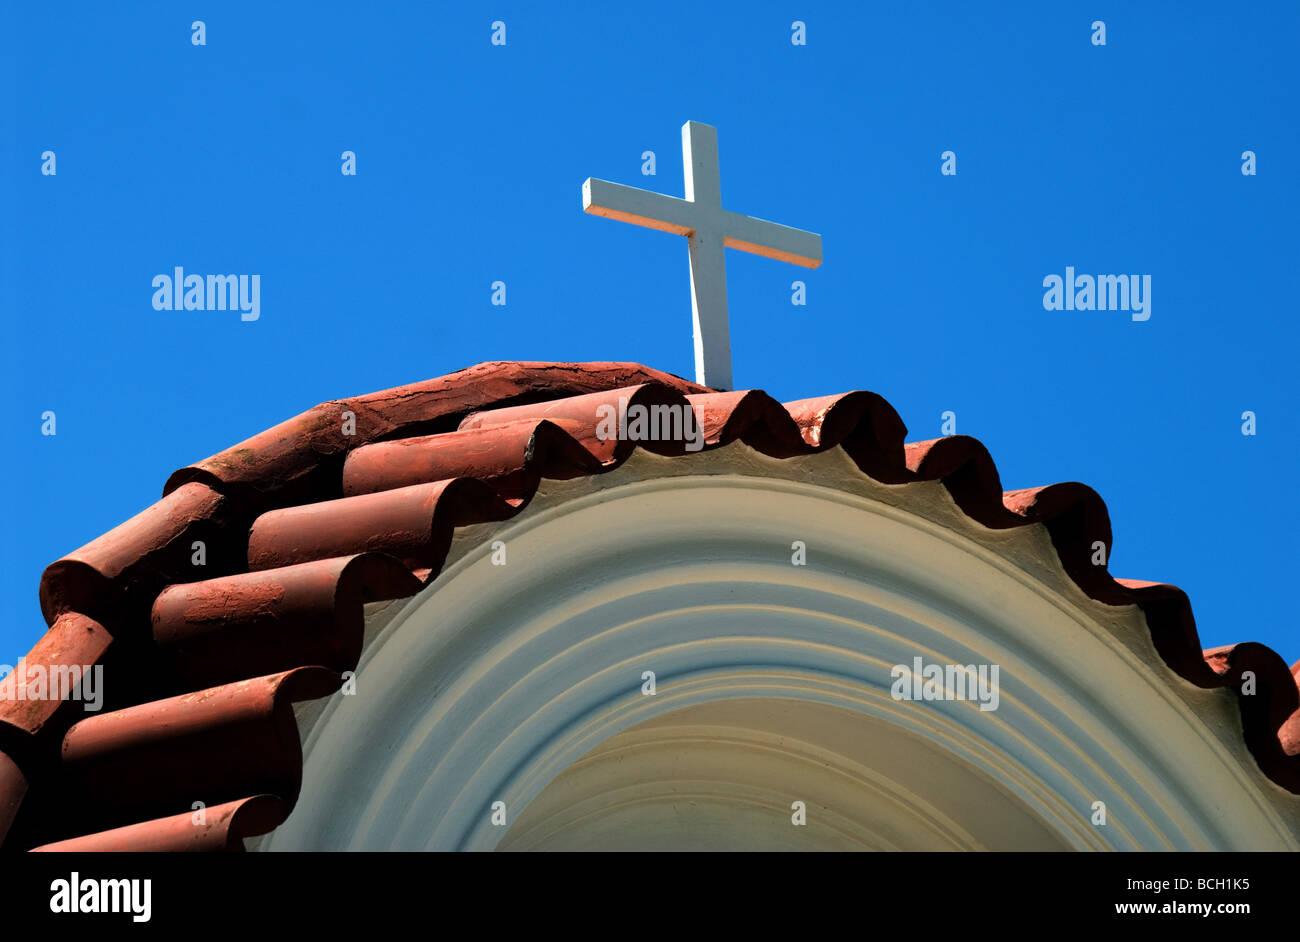 Agiou gerassimos - Stock Image